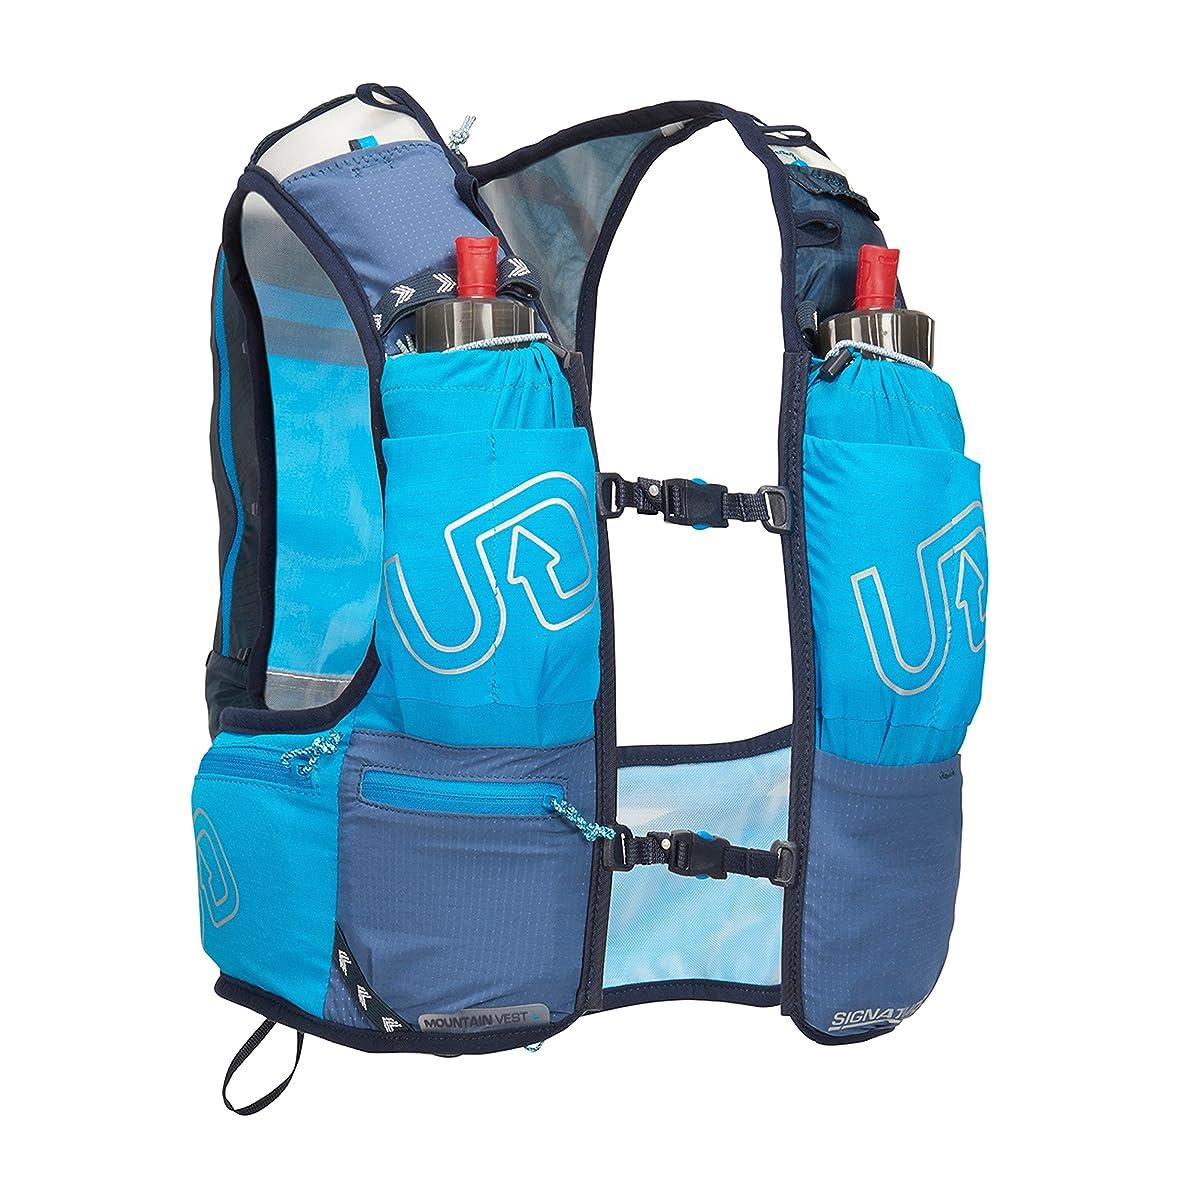 位置づけるバケット十代の若者たち[アルティメイトディレクション] ハイドレーションバッグ MOUNTAIN VEST 4.0 Sサイズ